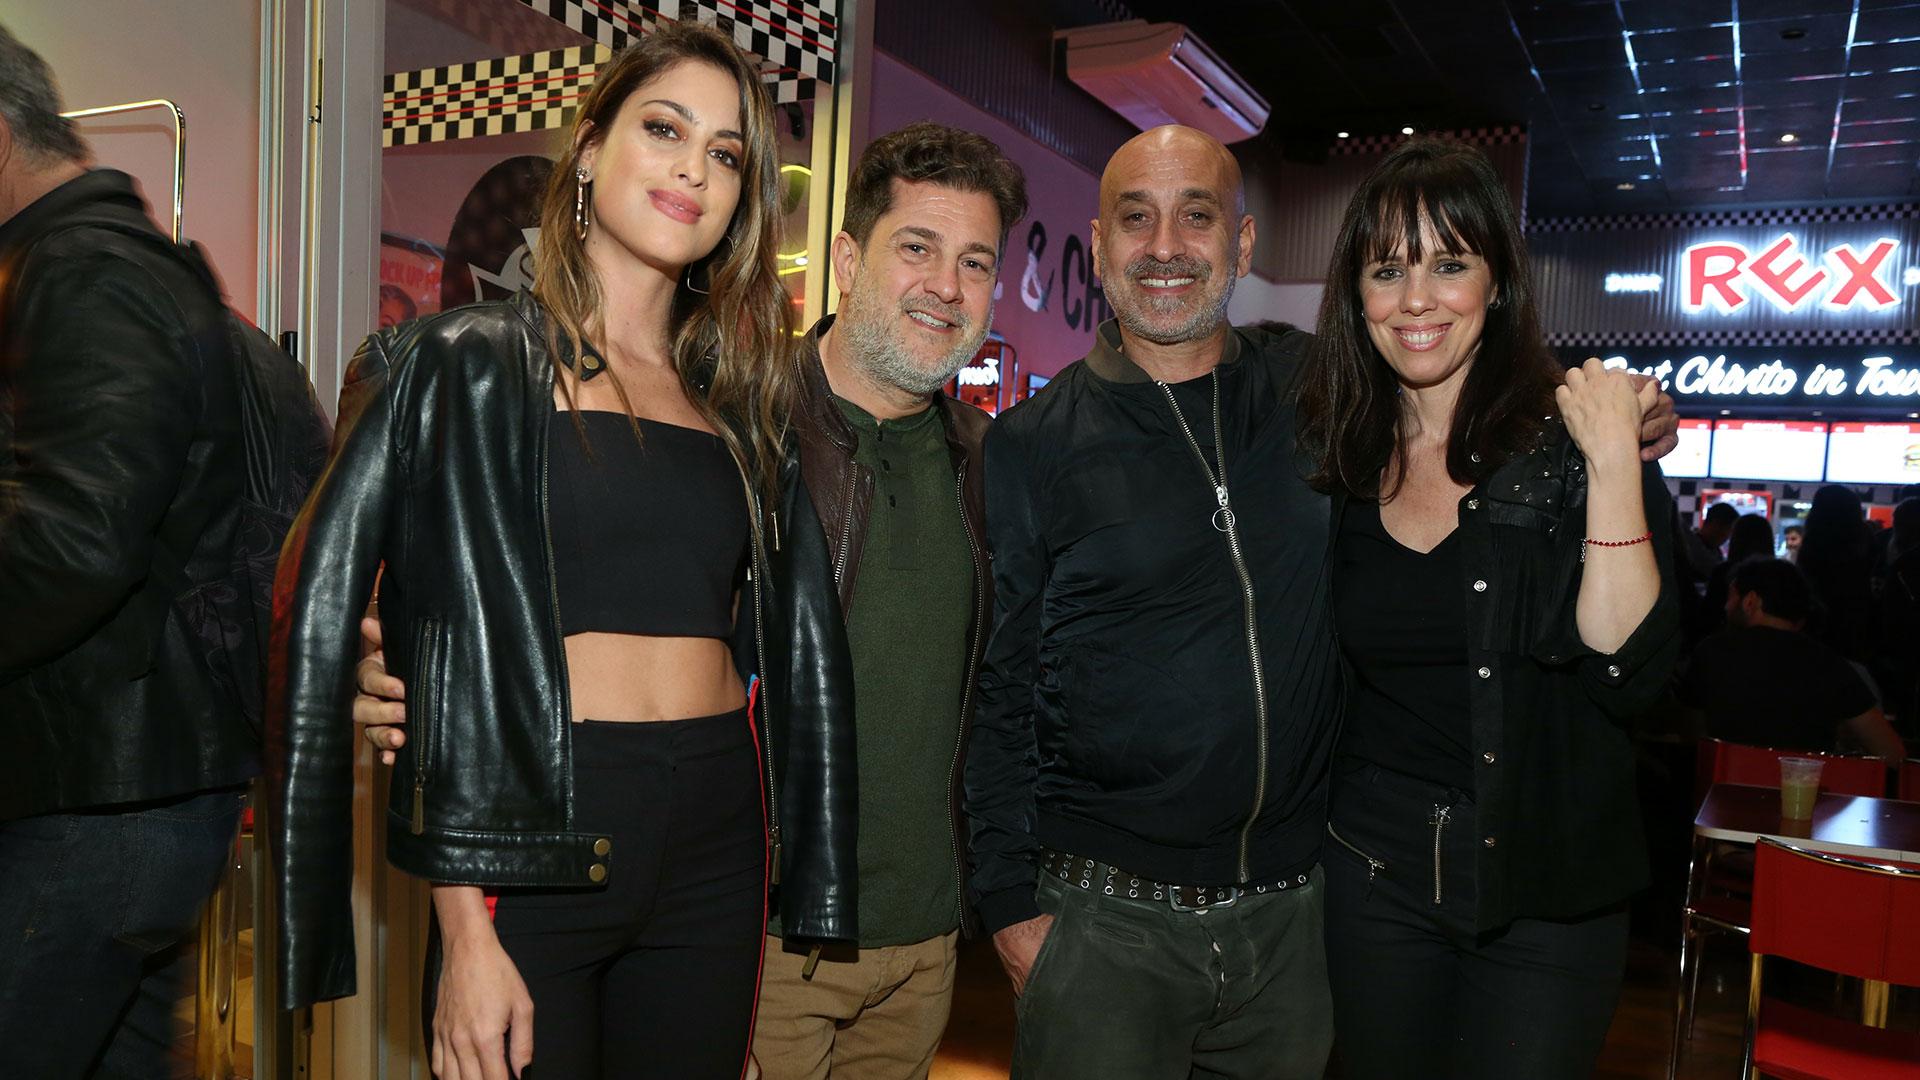 Agustina Casanova y Lautaro Mauro junto a Diego D'alvia y su mujer Carolina en el nuevo local de Rex.